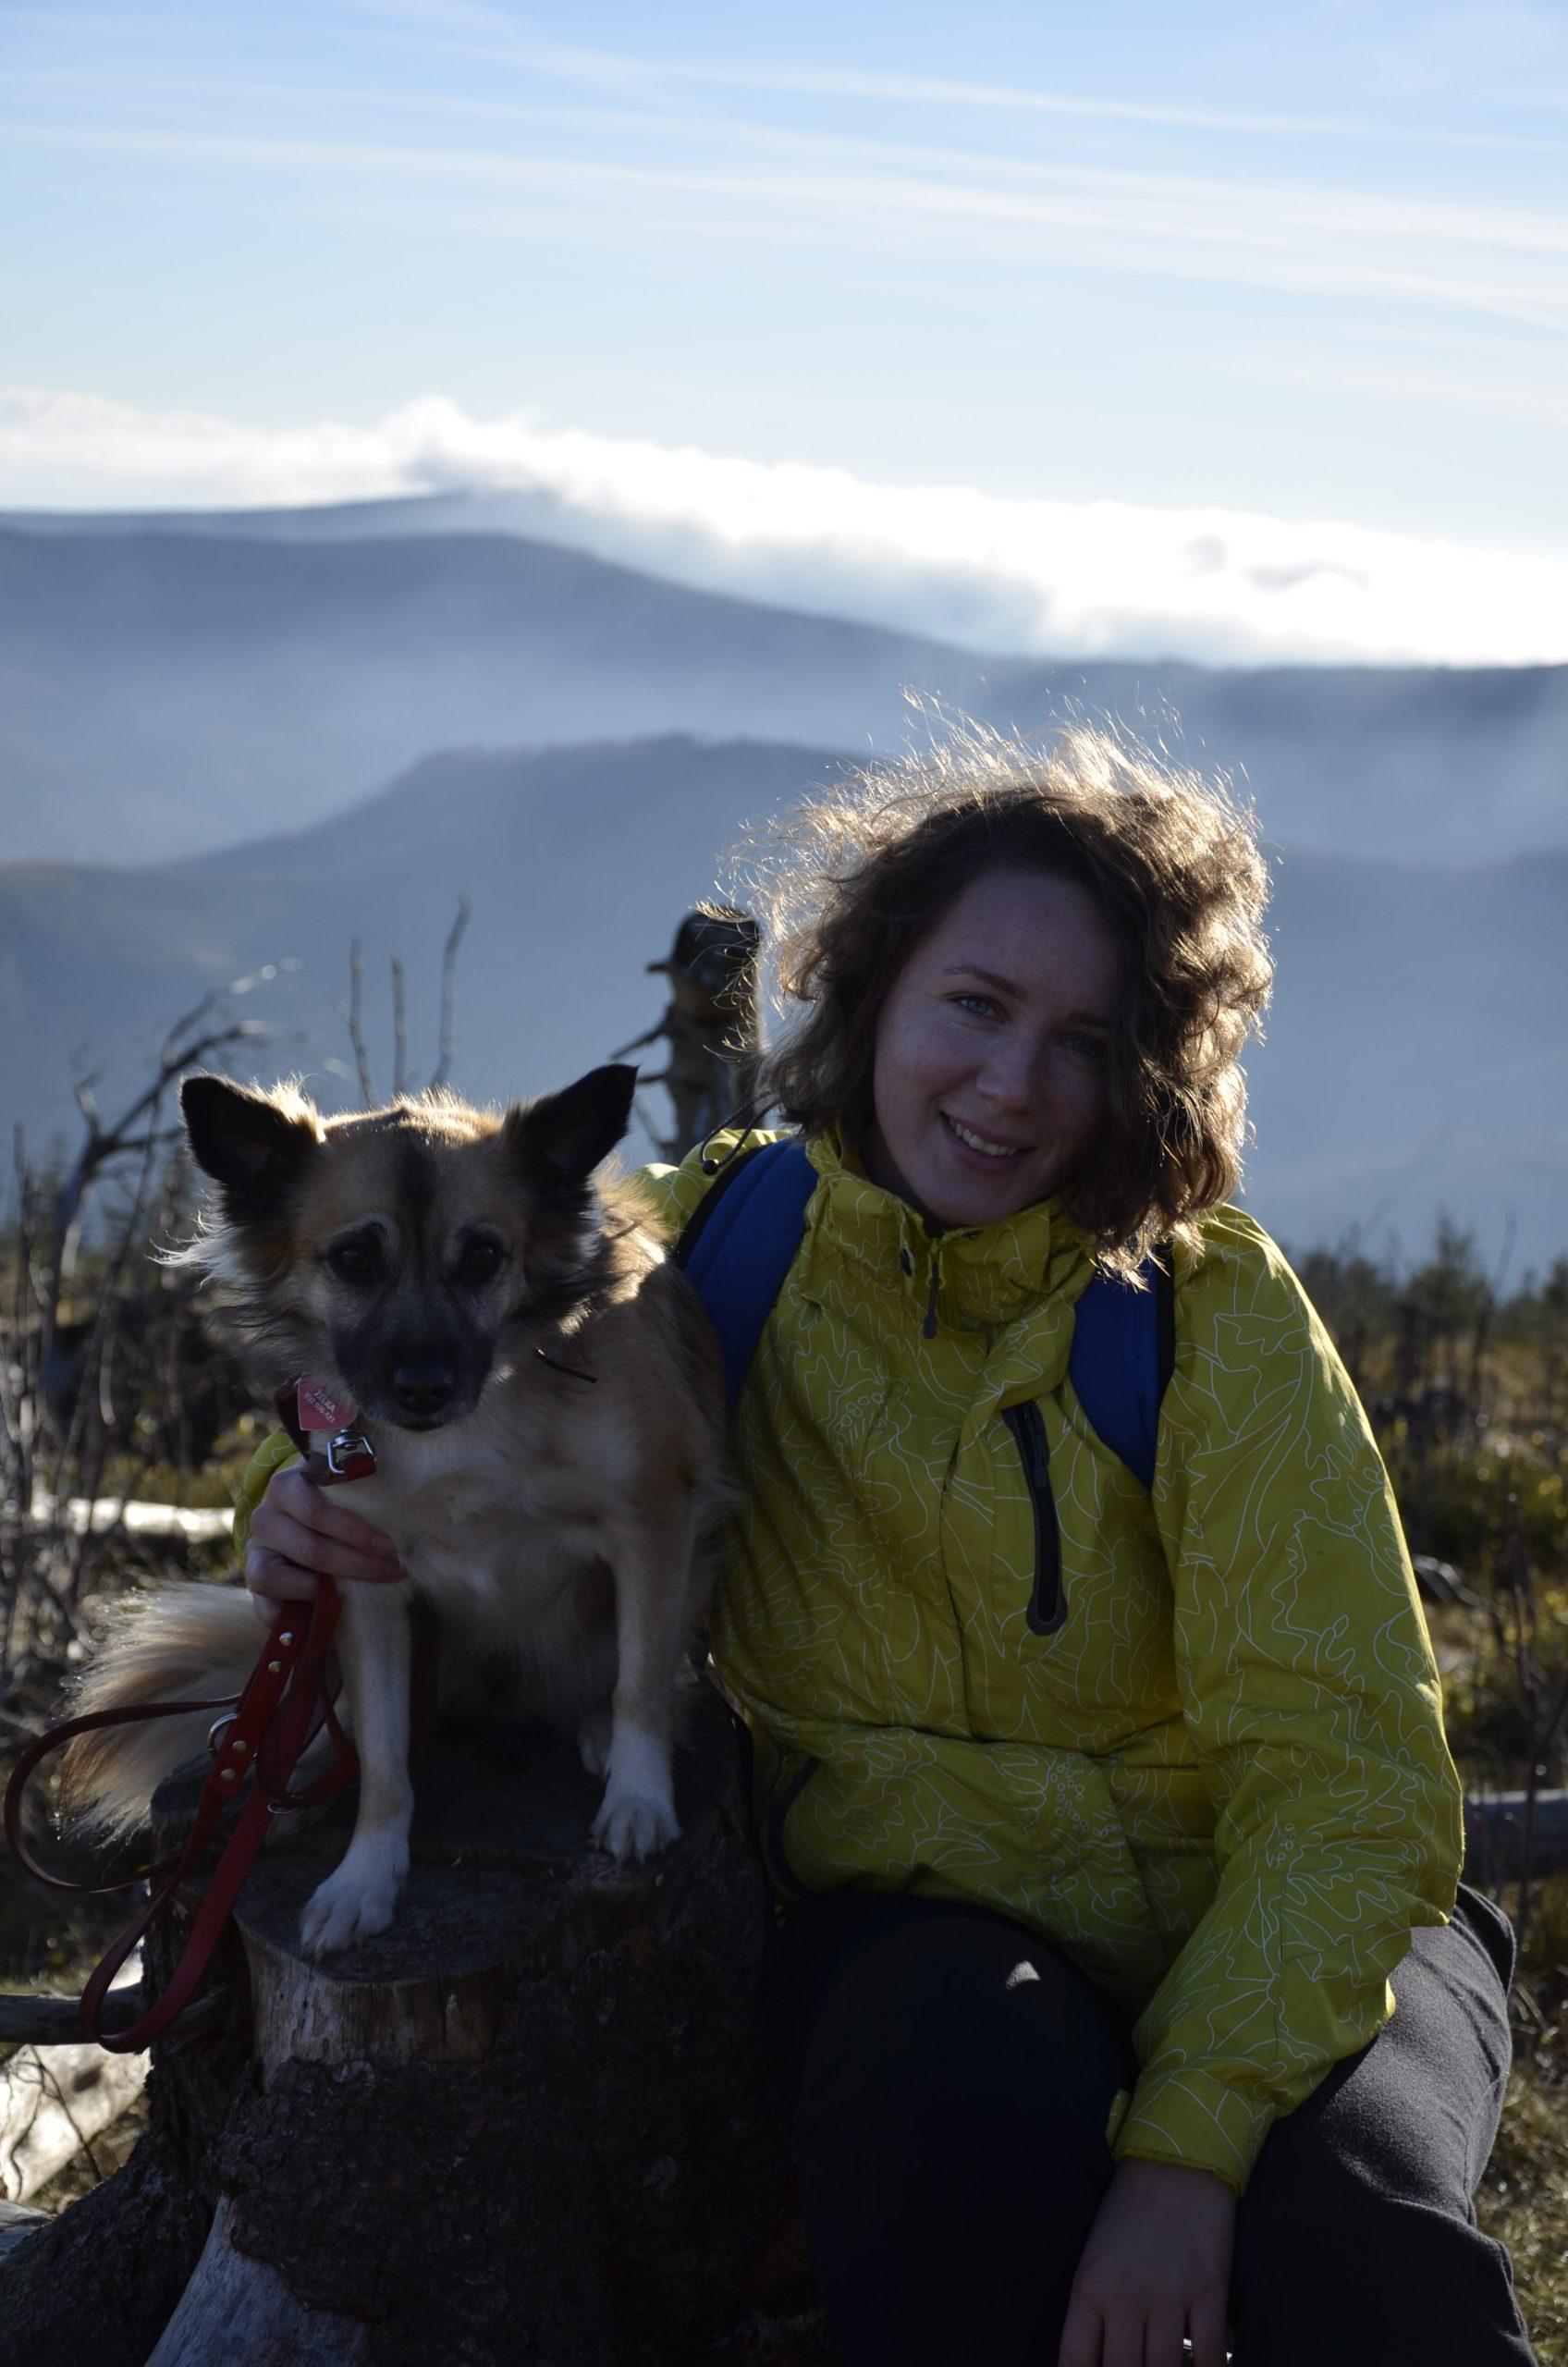 Skrzyczne z psem, widok na góry Beskidy, inwersja chmur